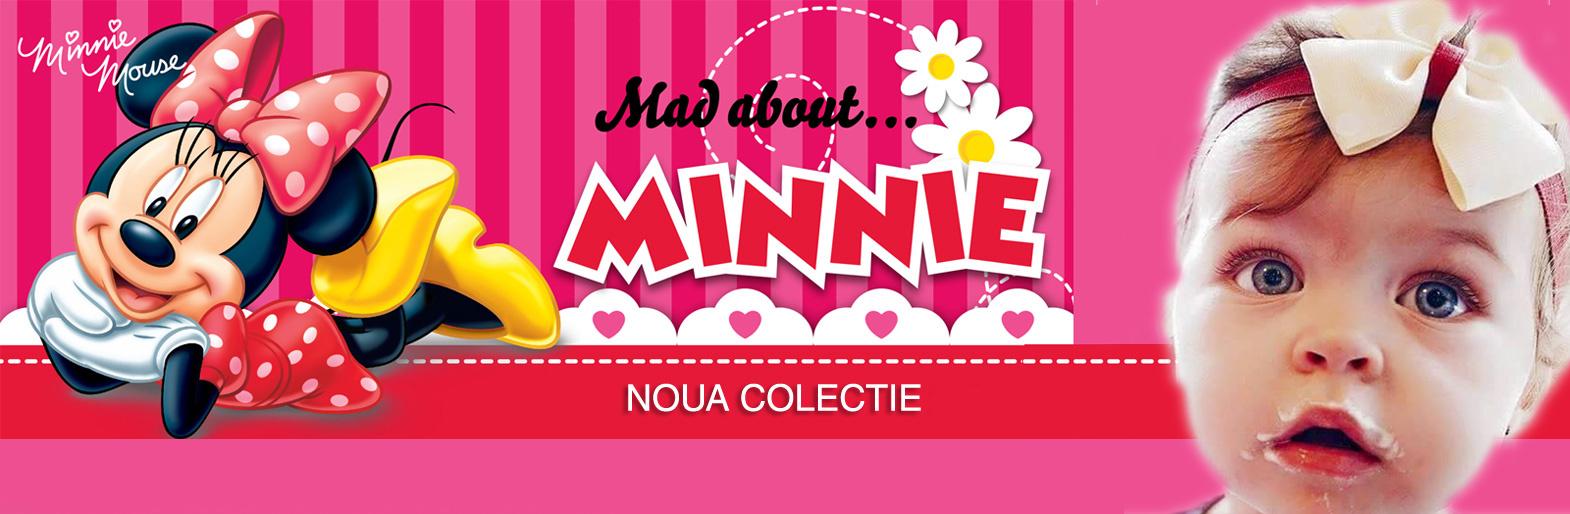 Descopera colectia Disney Minnie pentru fetite la Tiffany Kids